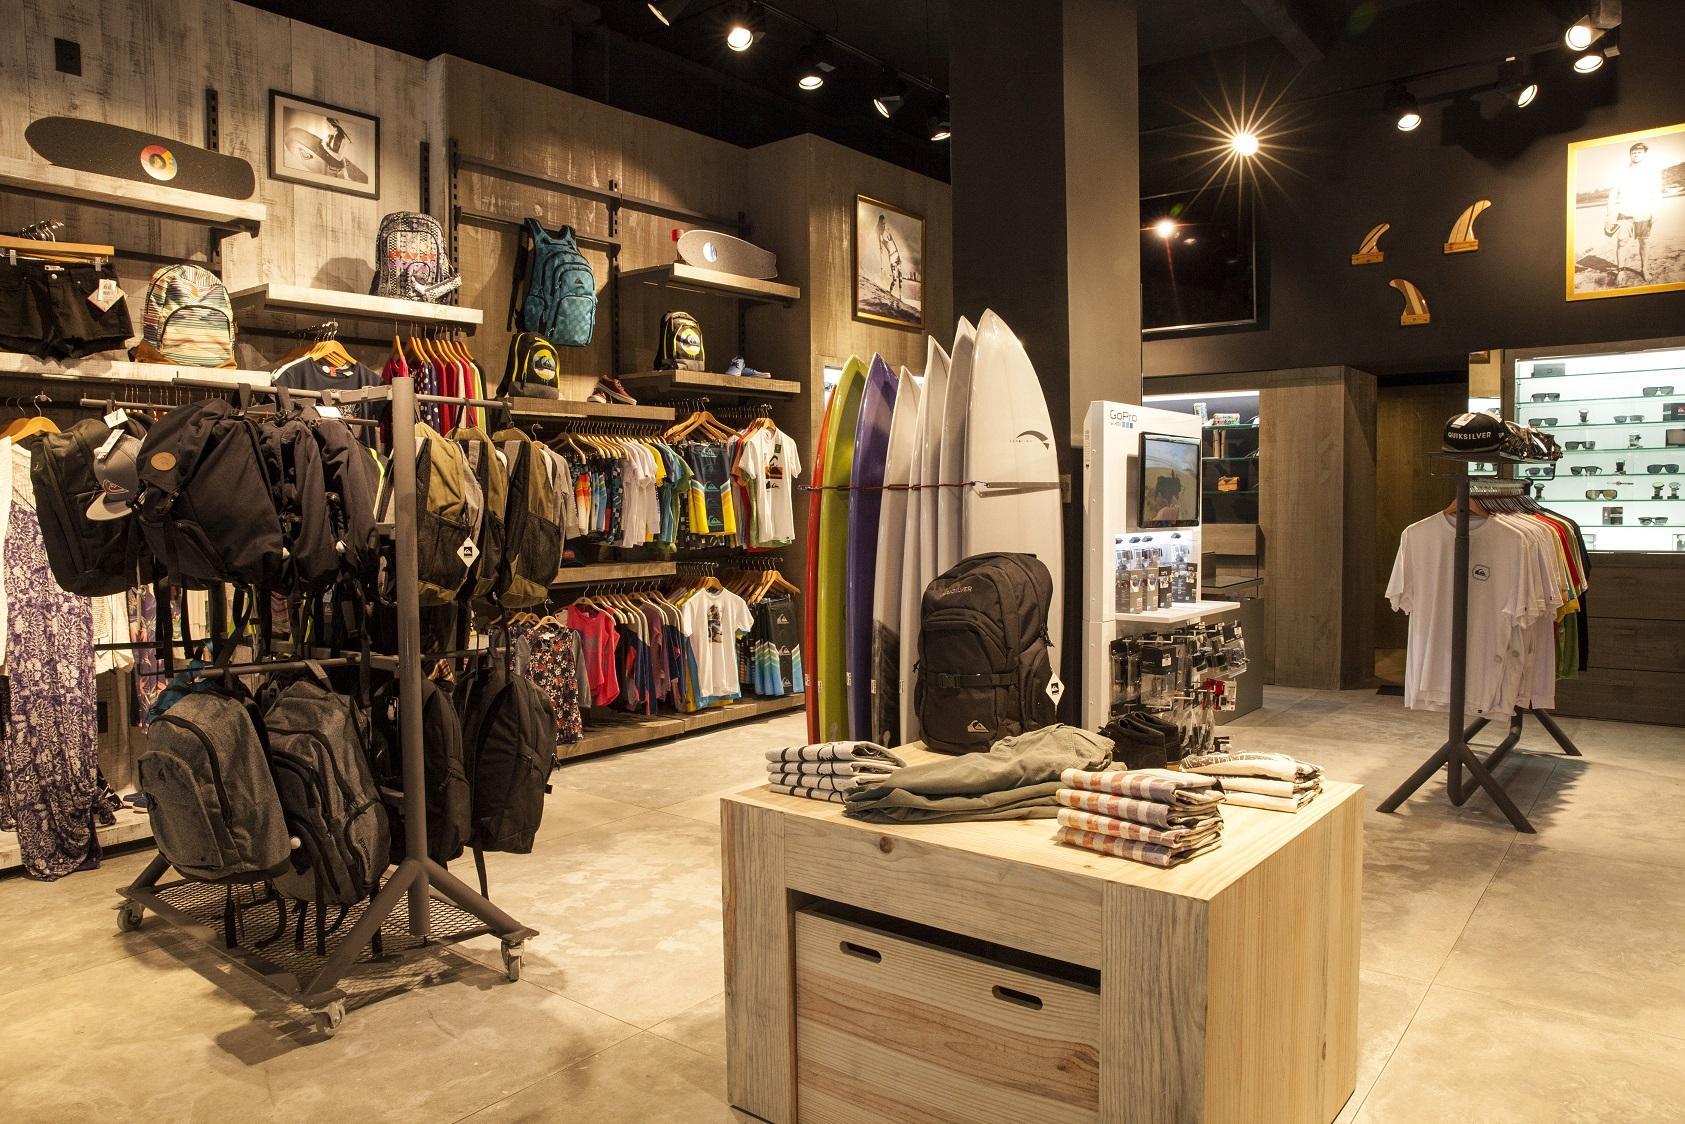 Quiksilver inaugura sua primeira unidade no ABC Paulista. Localizada no  Park Shopping São Caetano a3ebfb9d8c9